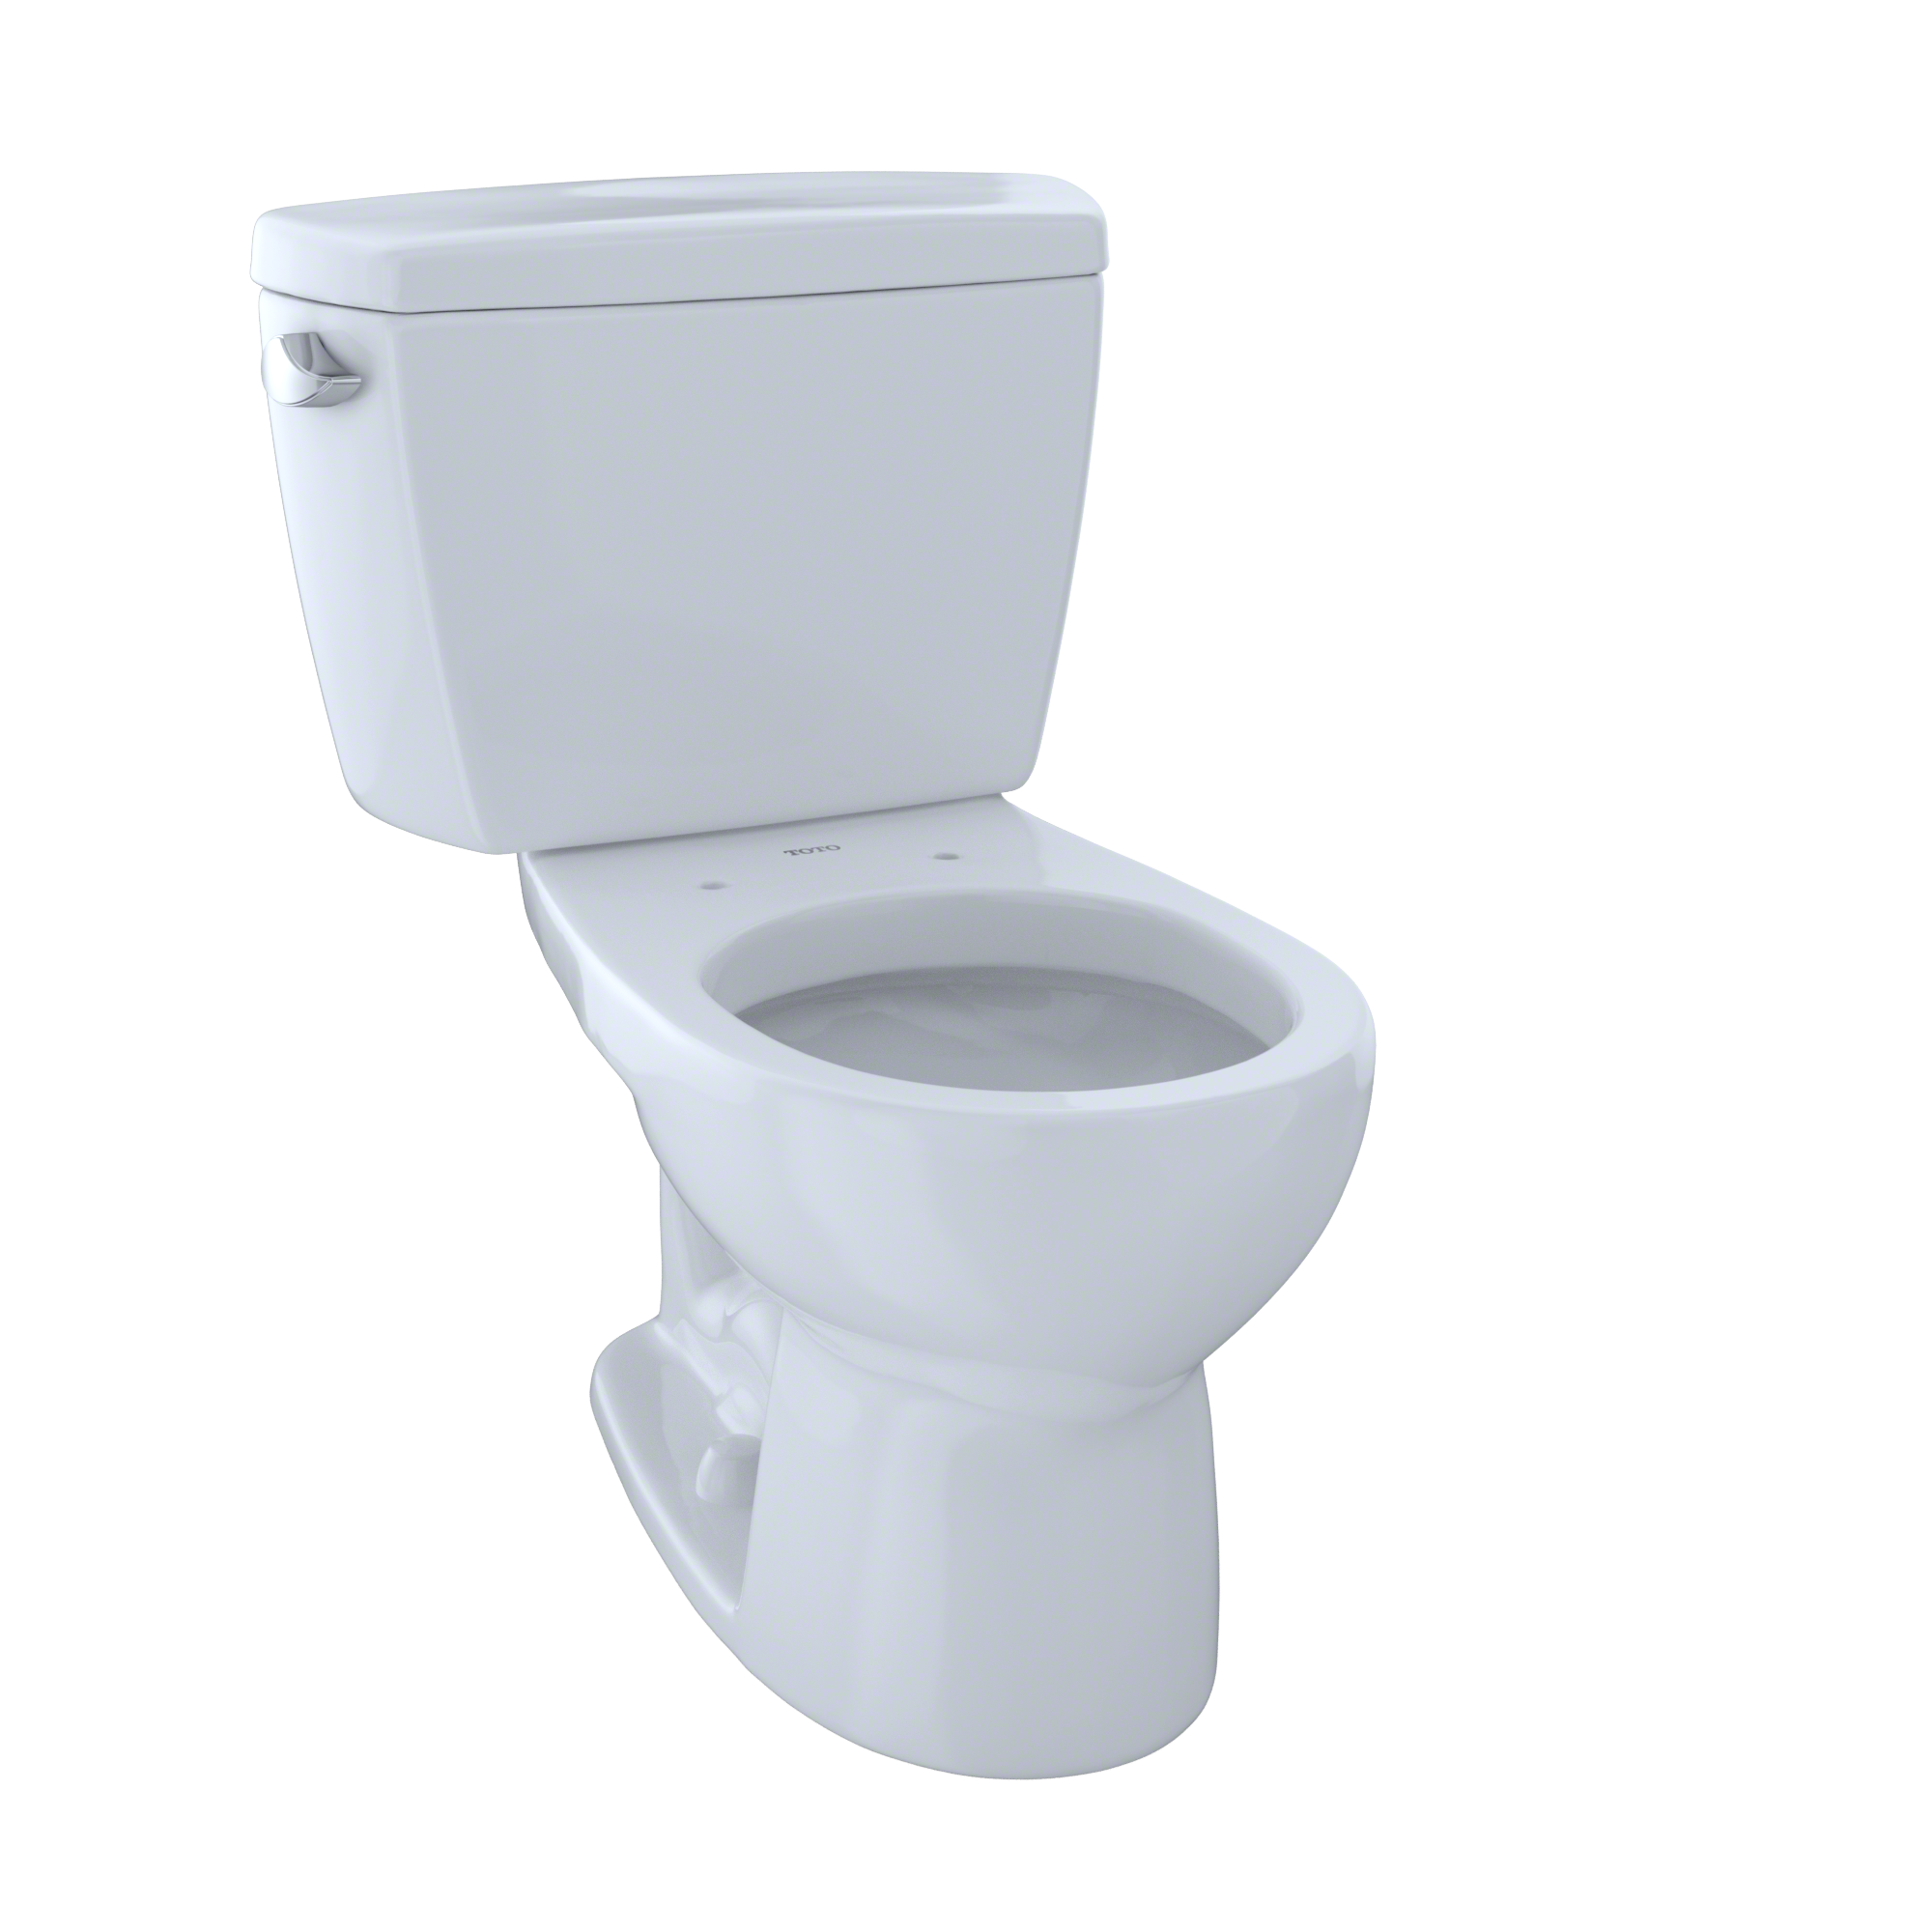 TOTO® Eco Drake® Two-Piece Round 1.28 GPF Toilet, Cotton White - CST743E#01